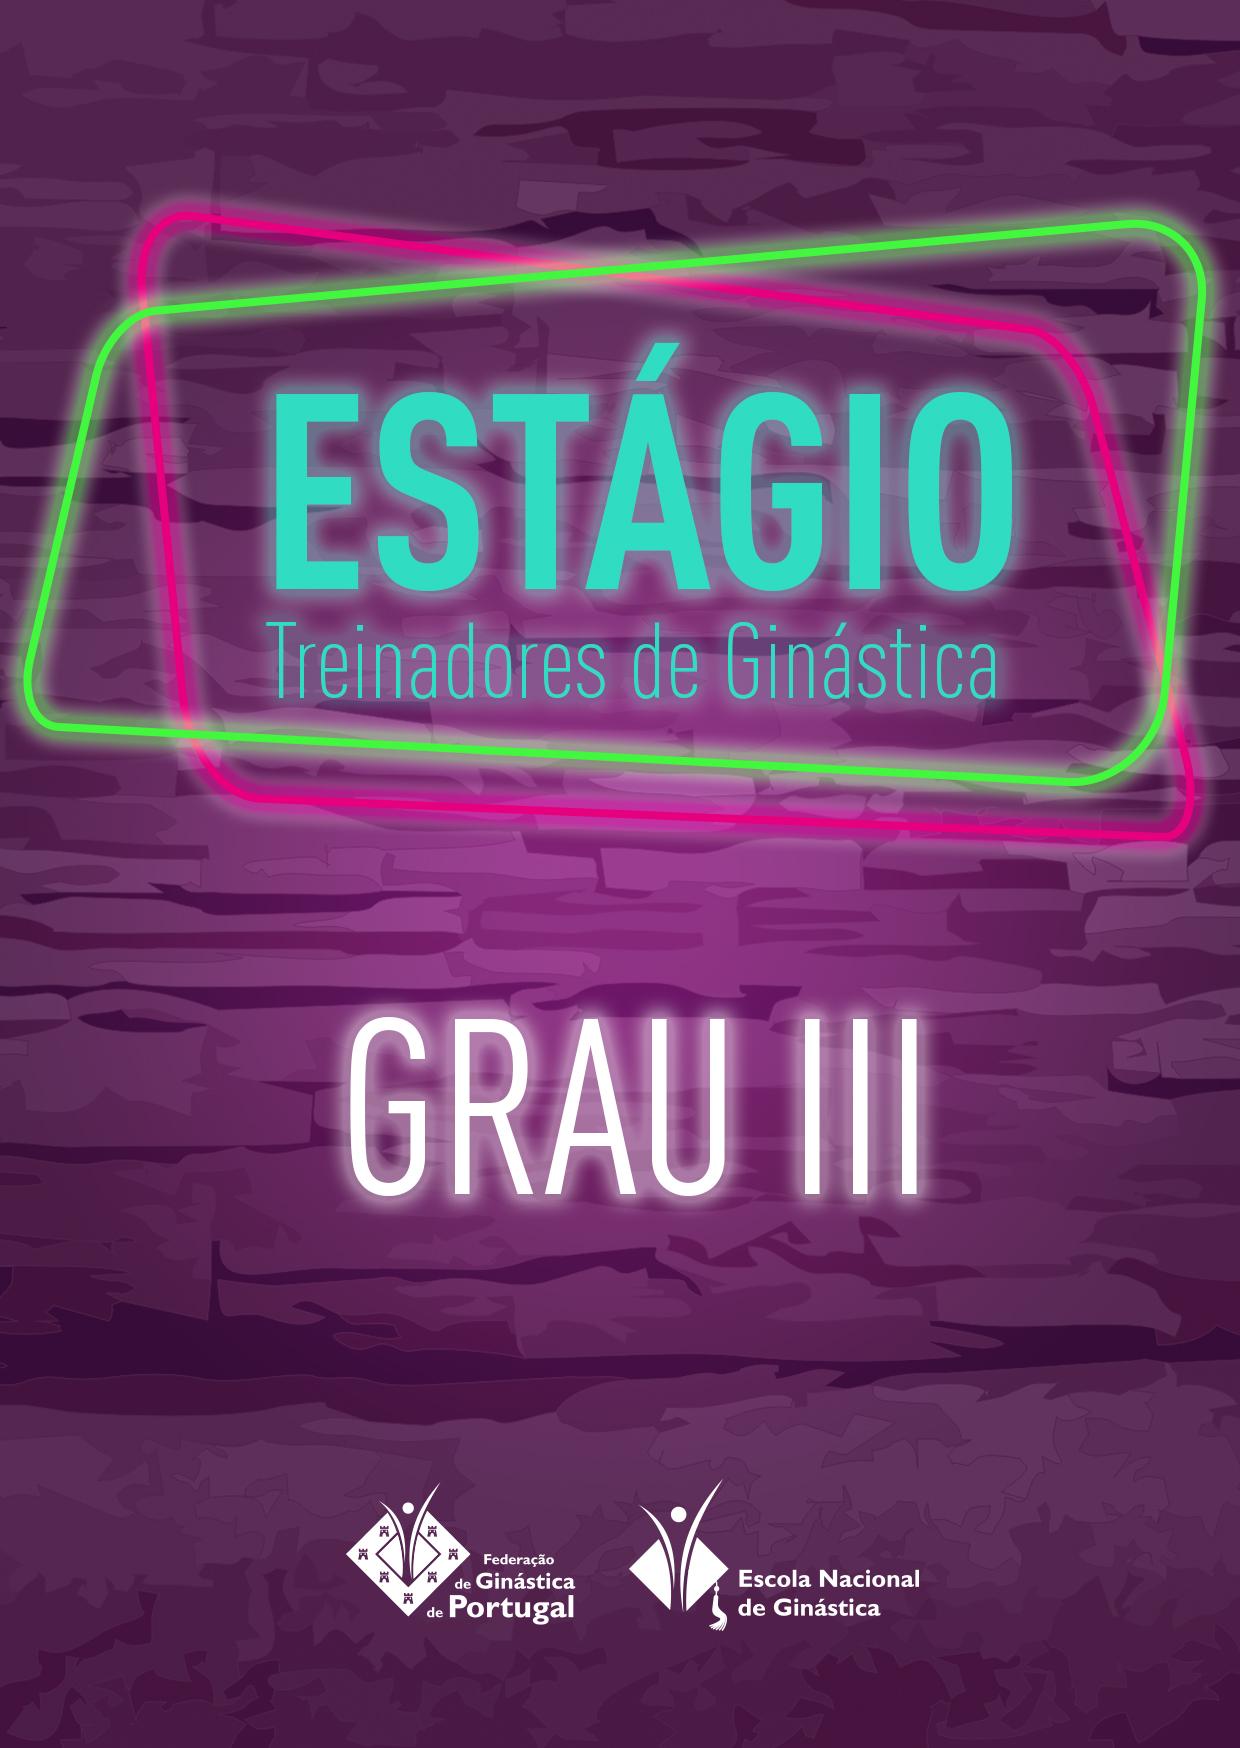 ESTÁGIO TREINADOR - Grau III